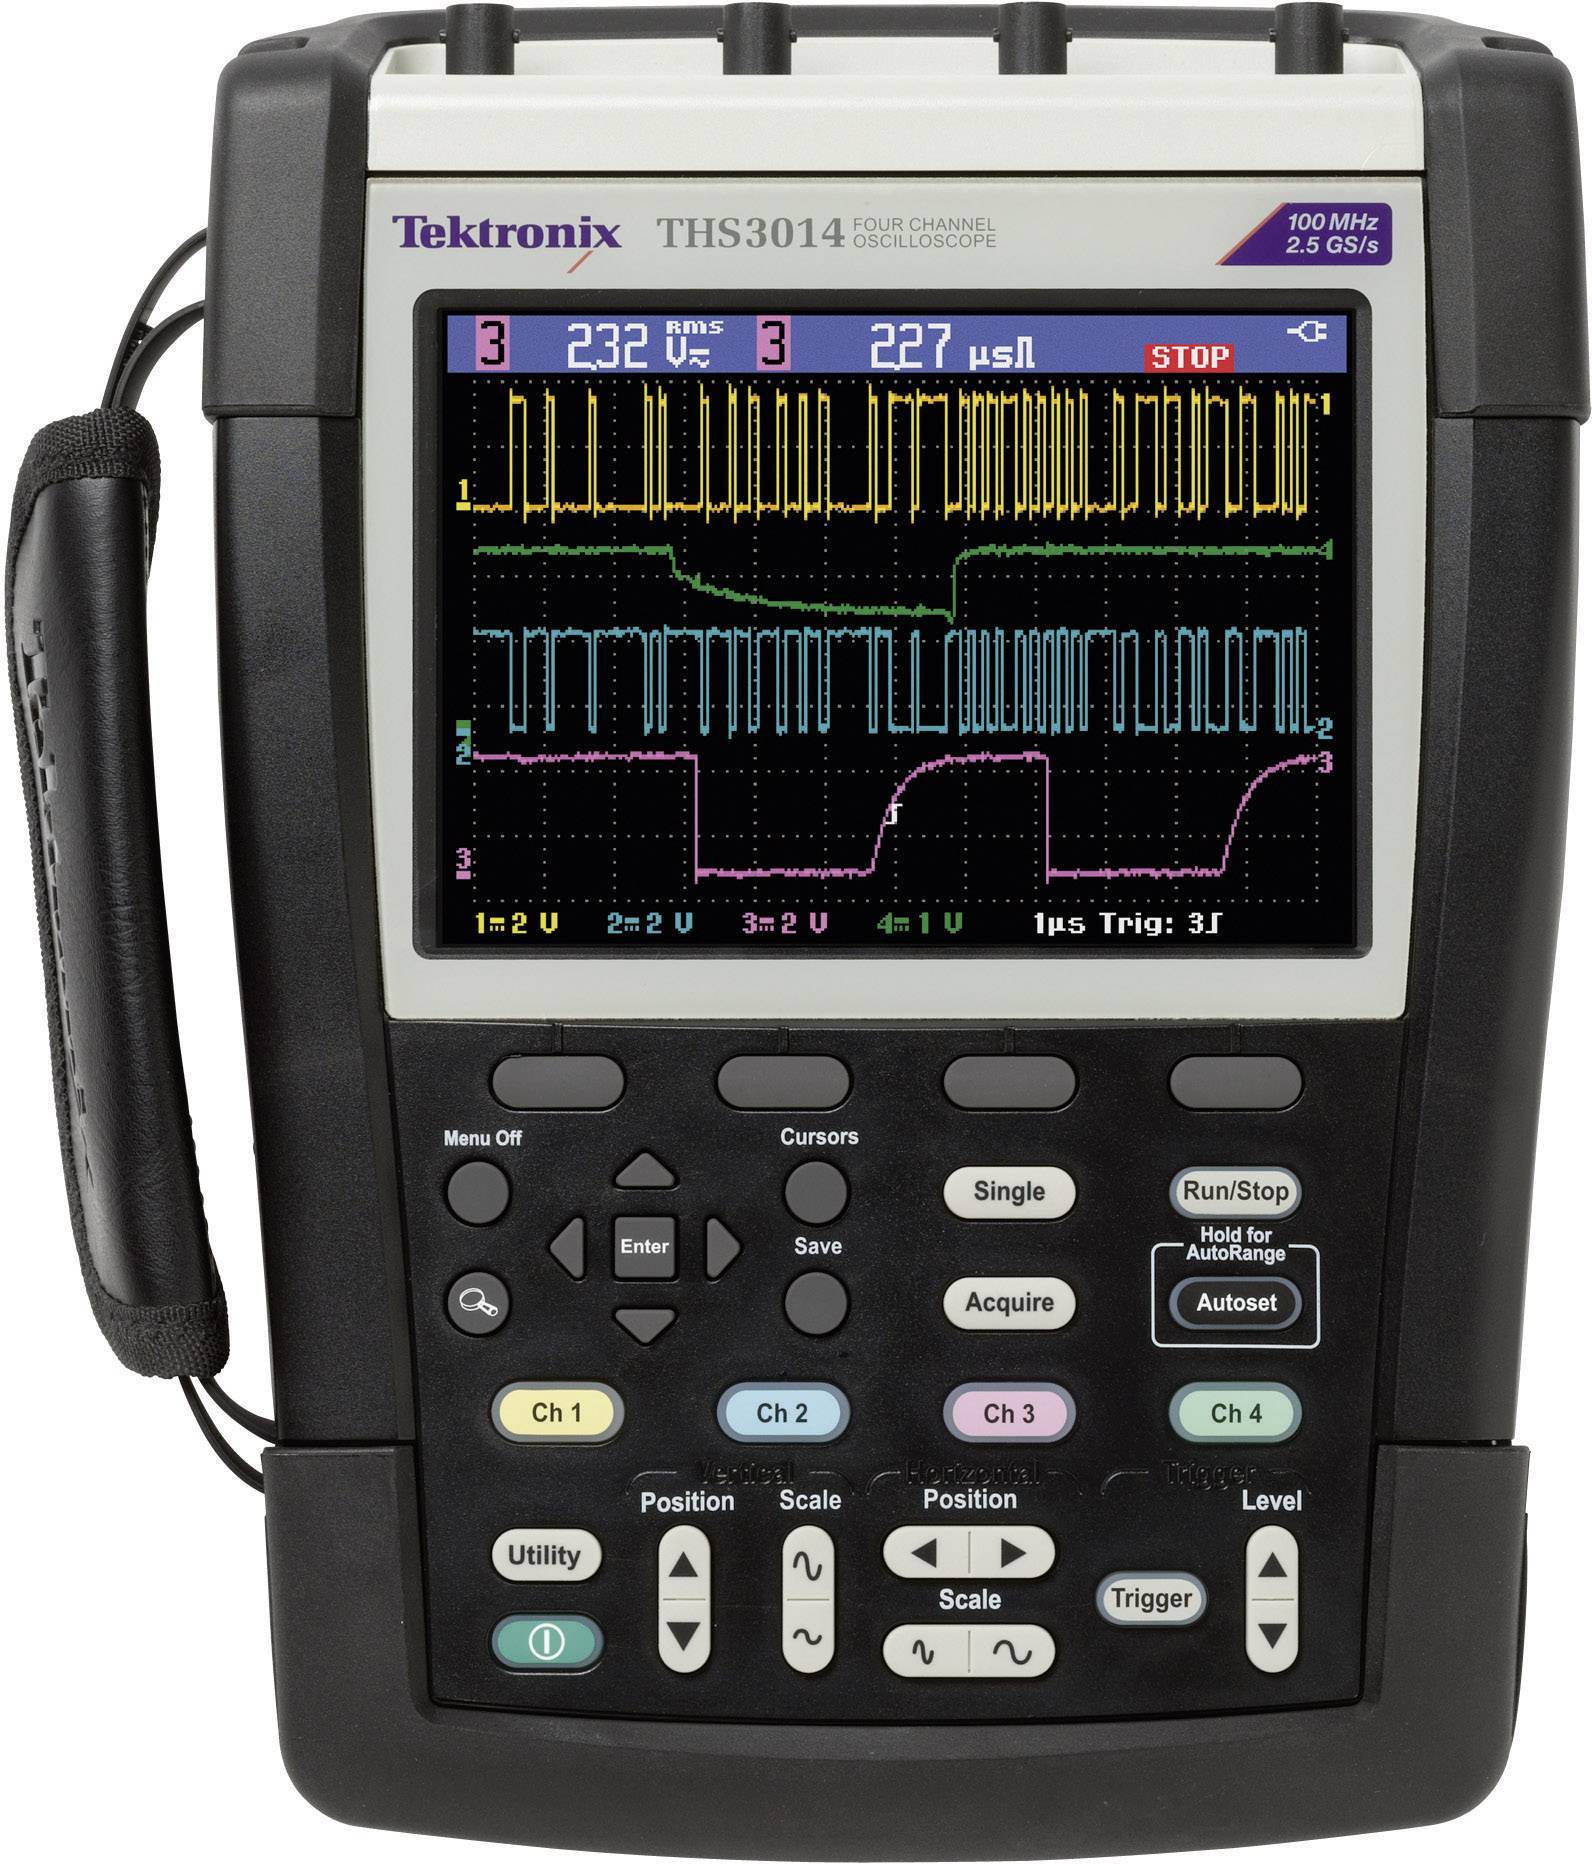 Ručný osciloskop Tektronix THS3014, 100 MHz, 4-kanálový